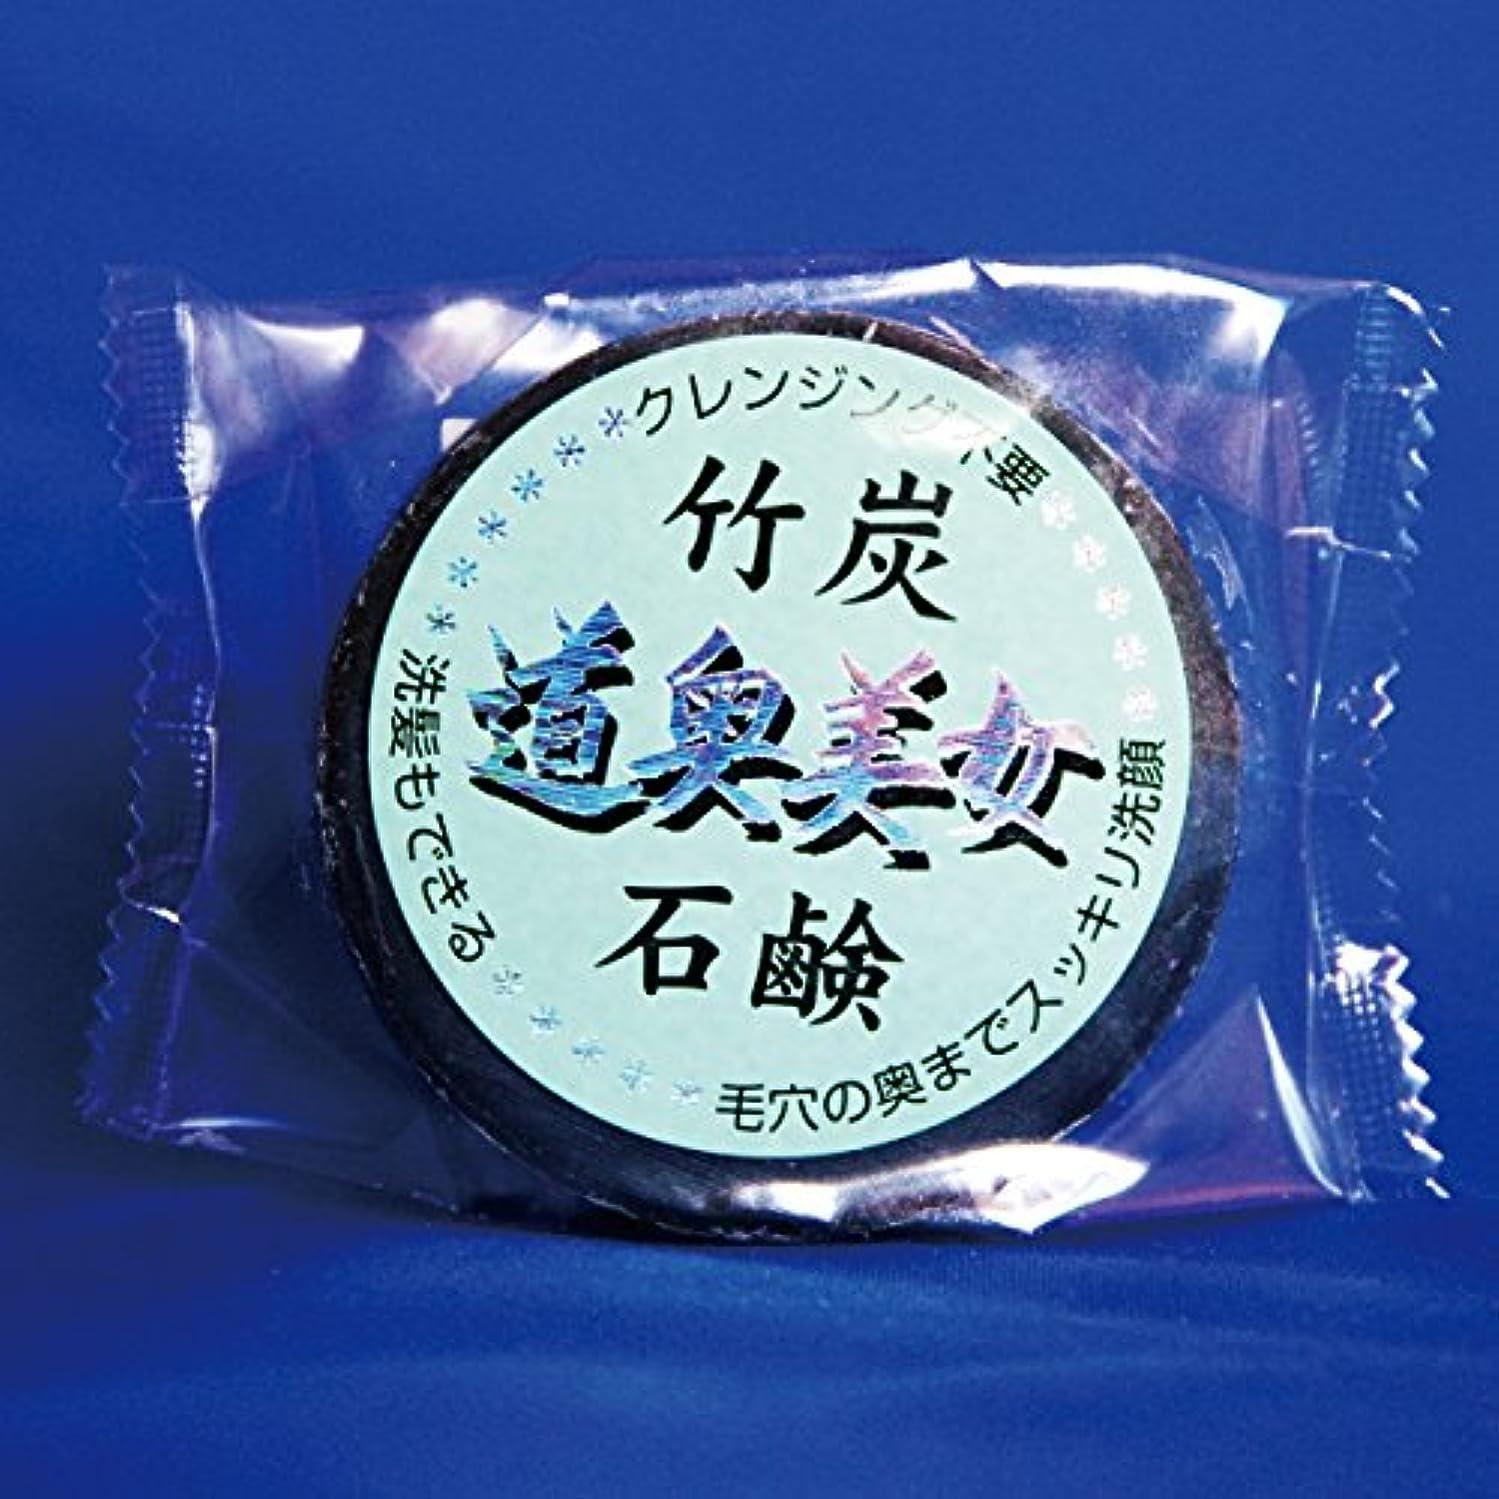 検証詩二層竹炭石鹸 100g クレンジング不要 (100g) 手作り透明石鹸 化粧石ケン